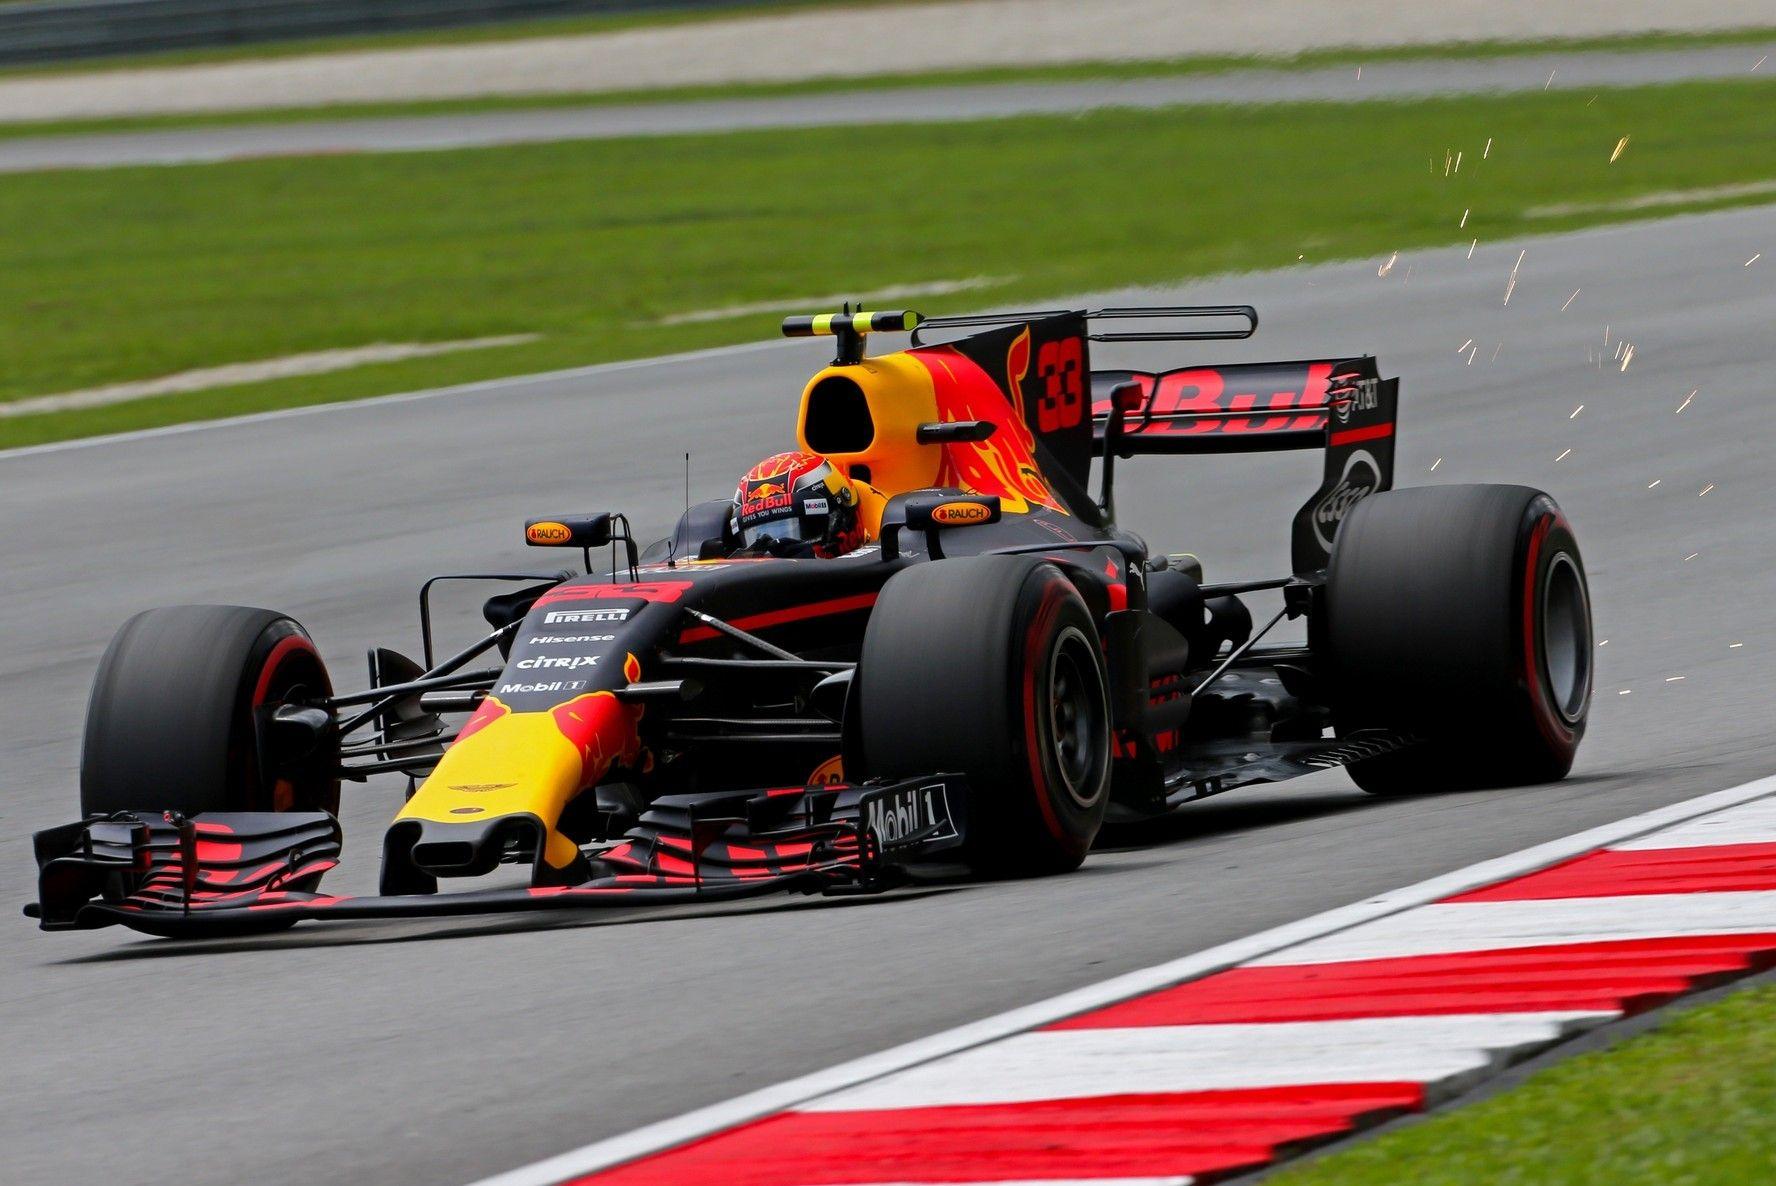 Pagelle del Gran Premio della Malesia 2017